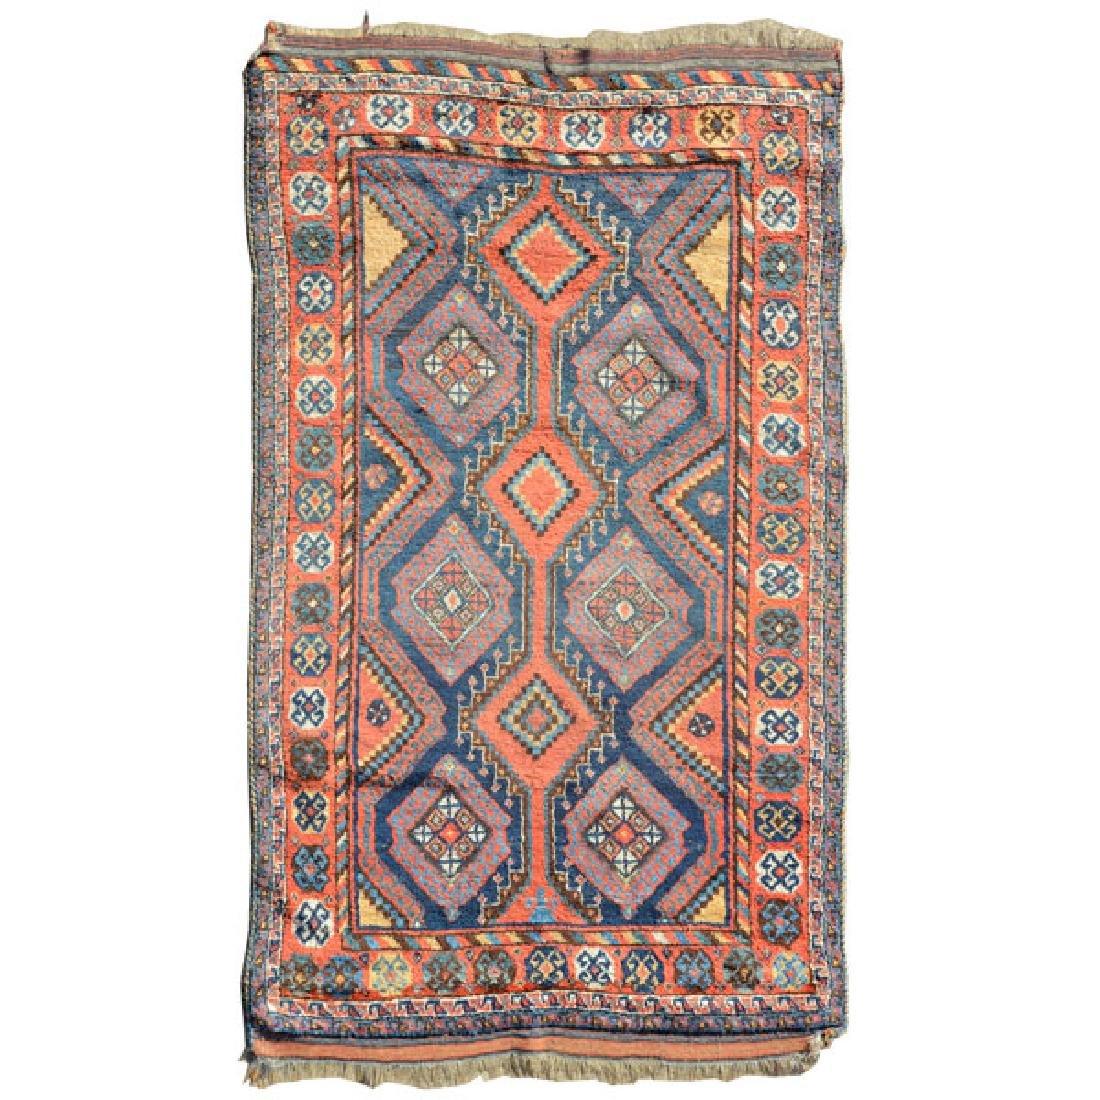 Caucasian Rug in a Geometric: 4 feet 8 inches x 7 feet